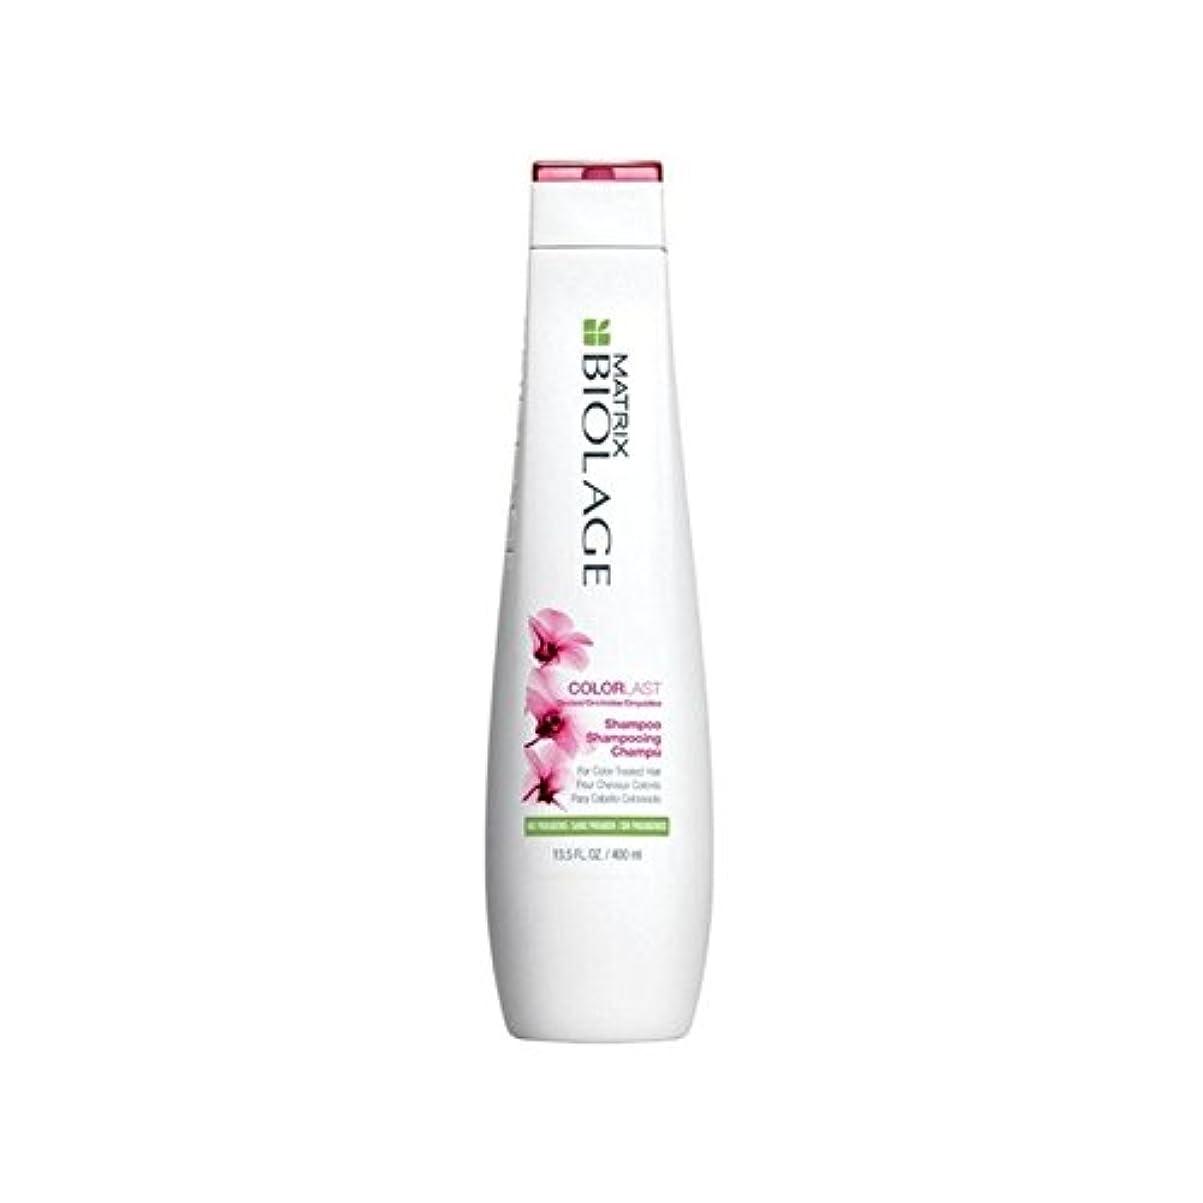 半径主にオリエンテーション行列のバイオレイジシャンプー400ミリリットル x4 - Matrix Biolage Colorlast Shampoo 400ml (Pack of 4) [並行輸入品]